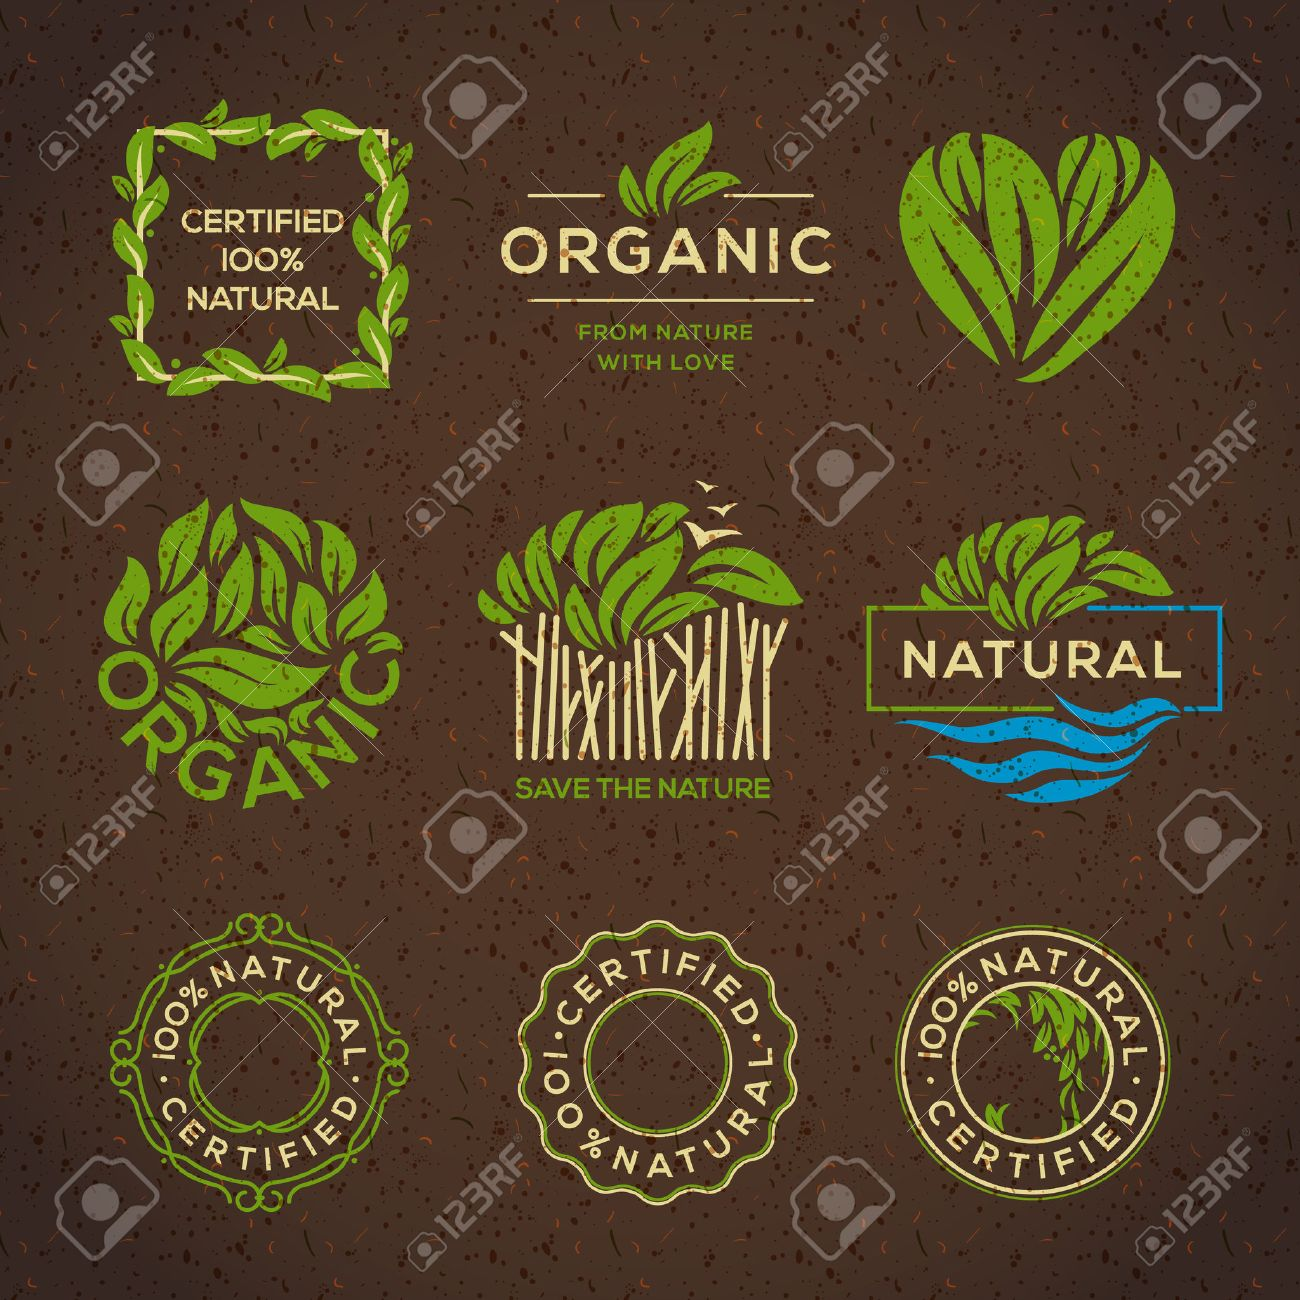 Bio-Lebensmittel-Etiketten und Elemente, für Essen und Trinken, Restaurants und Bio-Produkte Vektor-Illustration festgelegt. Standard-Bild - 37153868